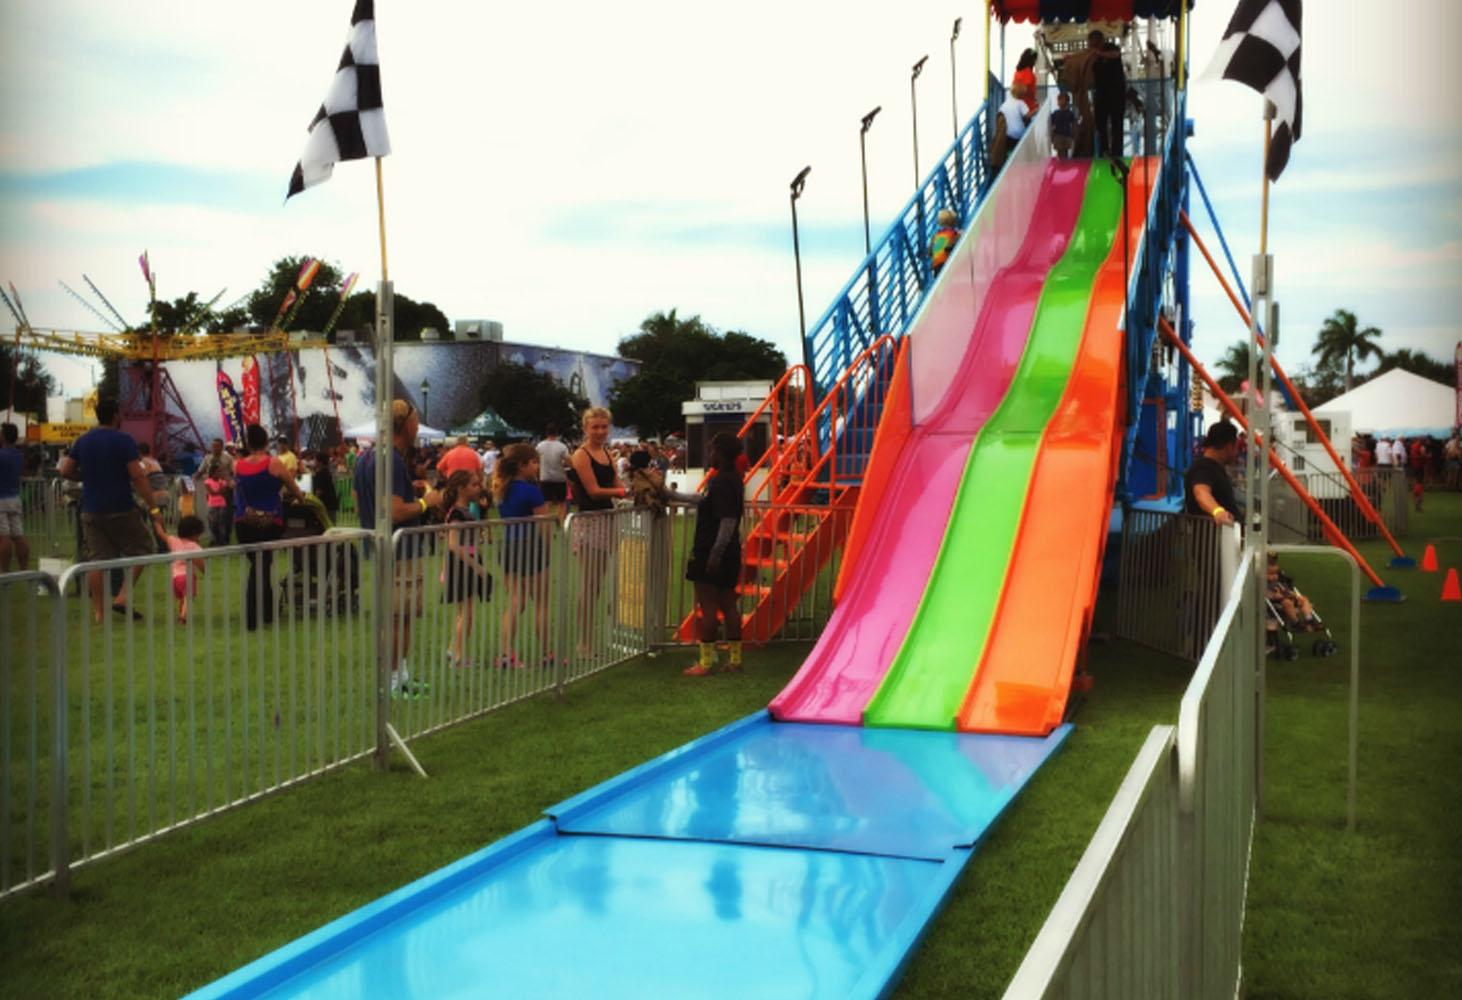 Fiber Slide Party Rental - Celebration Source